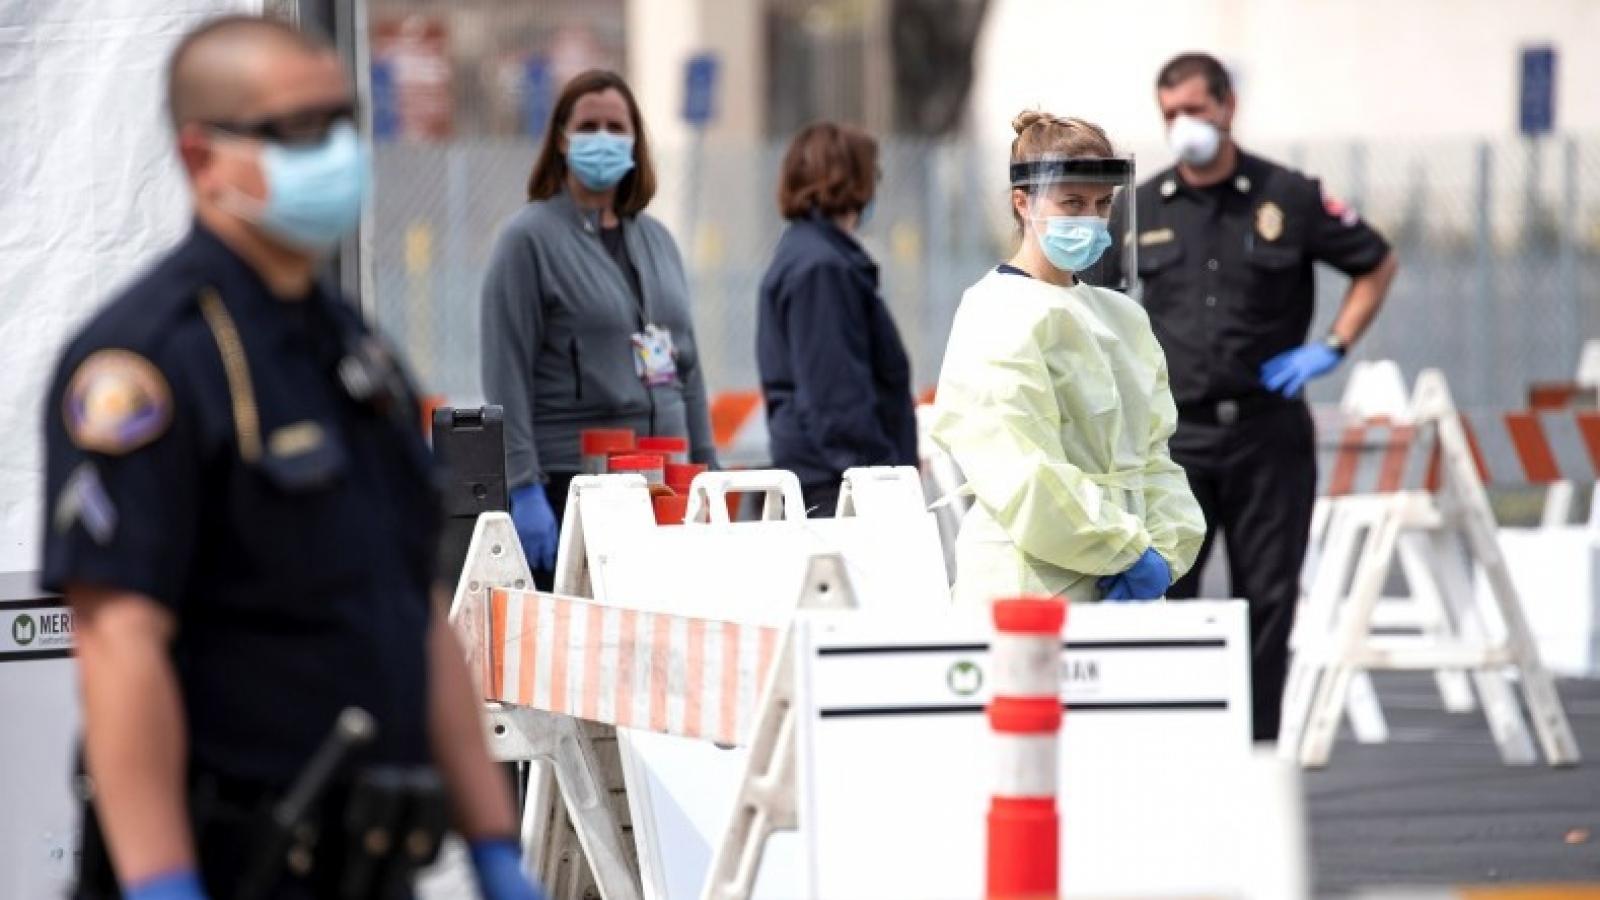 Tiềm ẩn làn sóng lây nhiễm Covid-19 nguy hiểm mới ở Mỹ